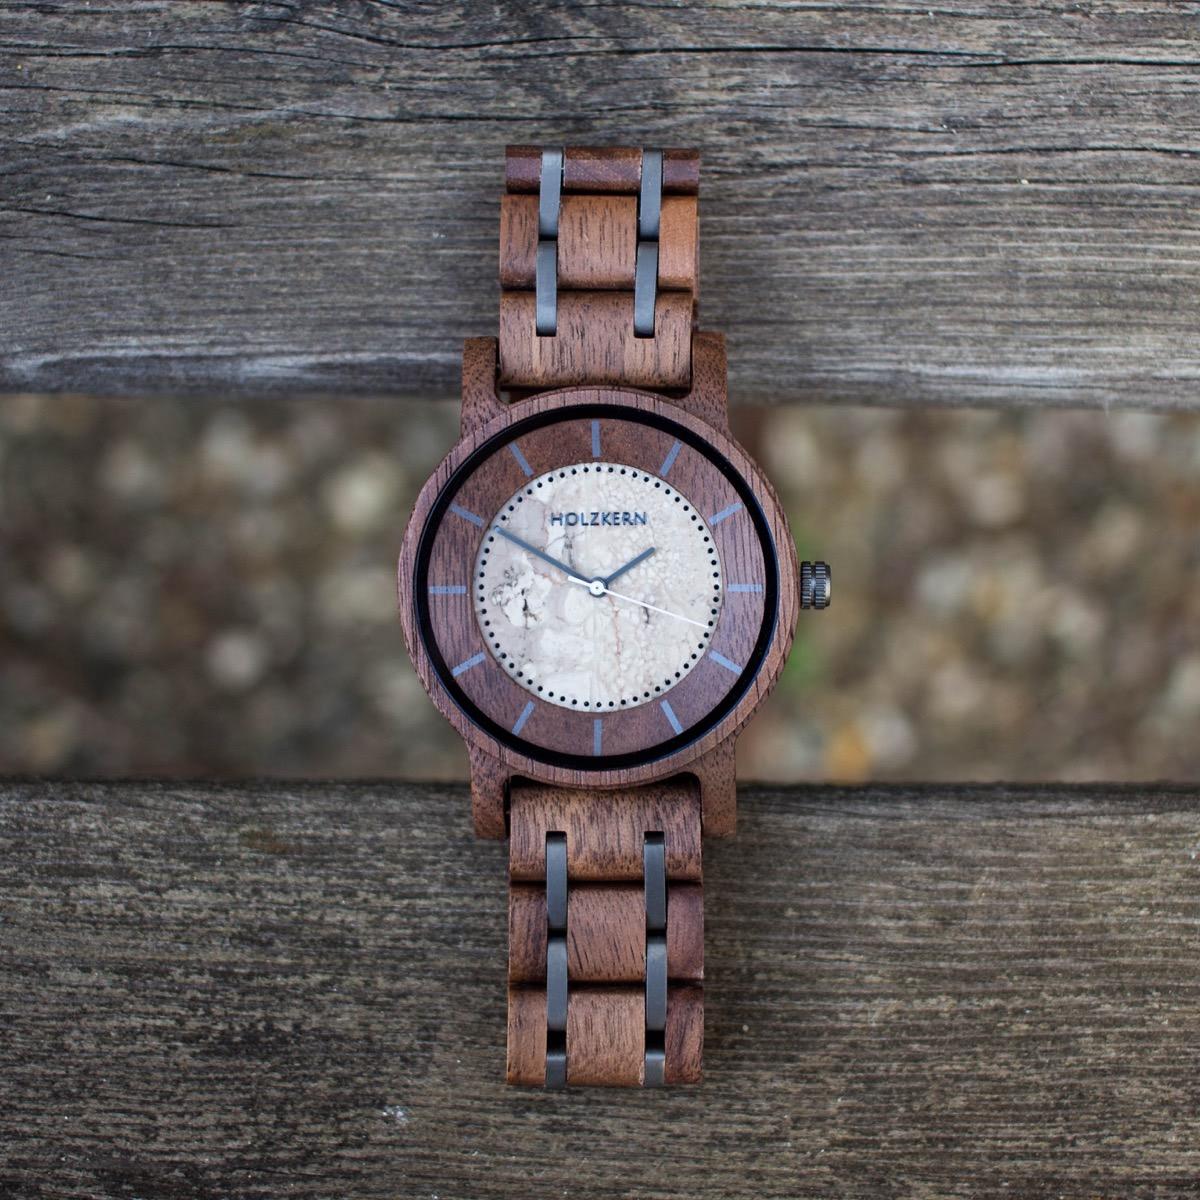 Die Holzuhr der Marke Holzkern mit dem Modellnamen James mit Walnuss-Gehäuse und Ziffernblatt aus echtem Jaspis liegt auf Holzbrettern